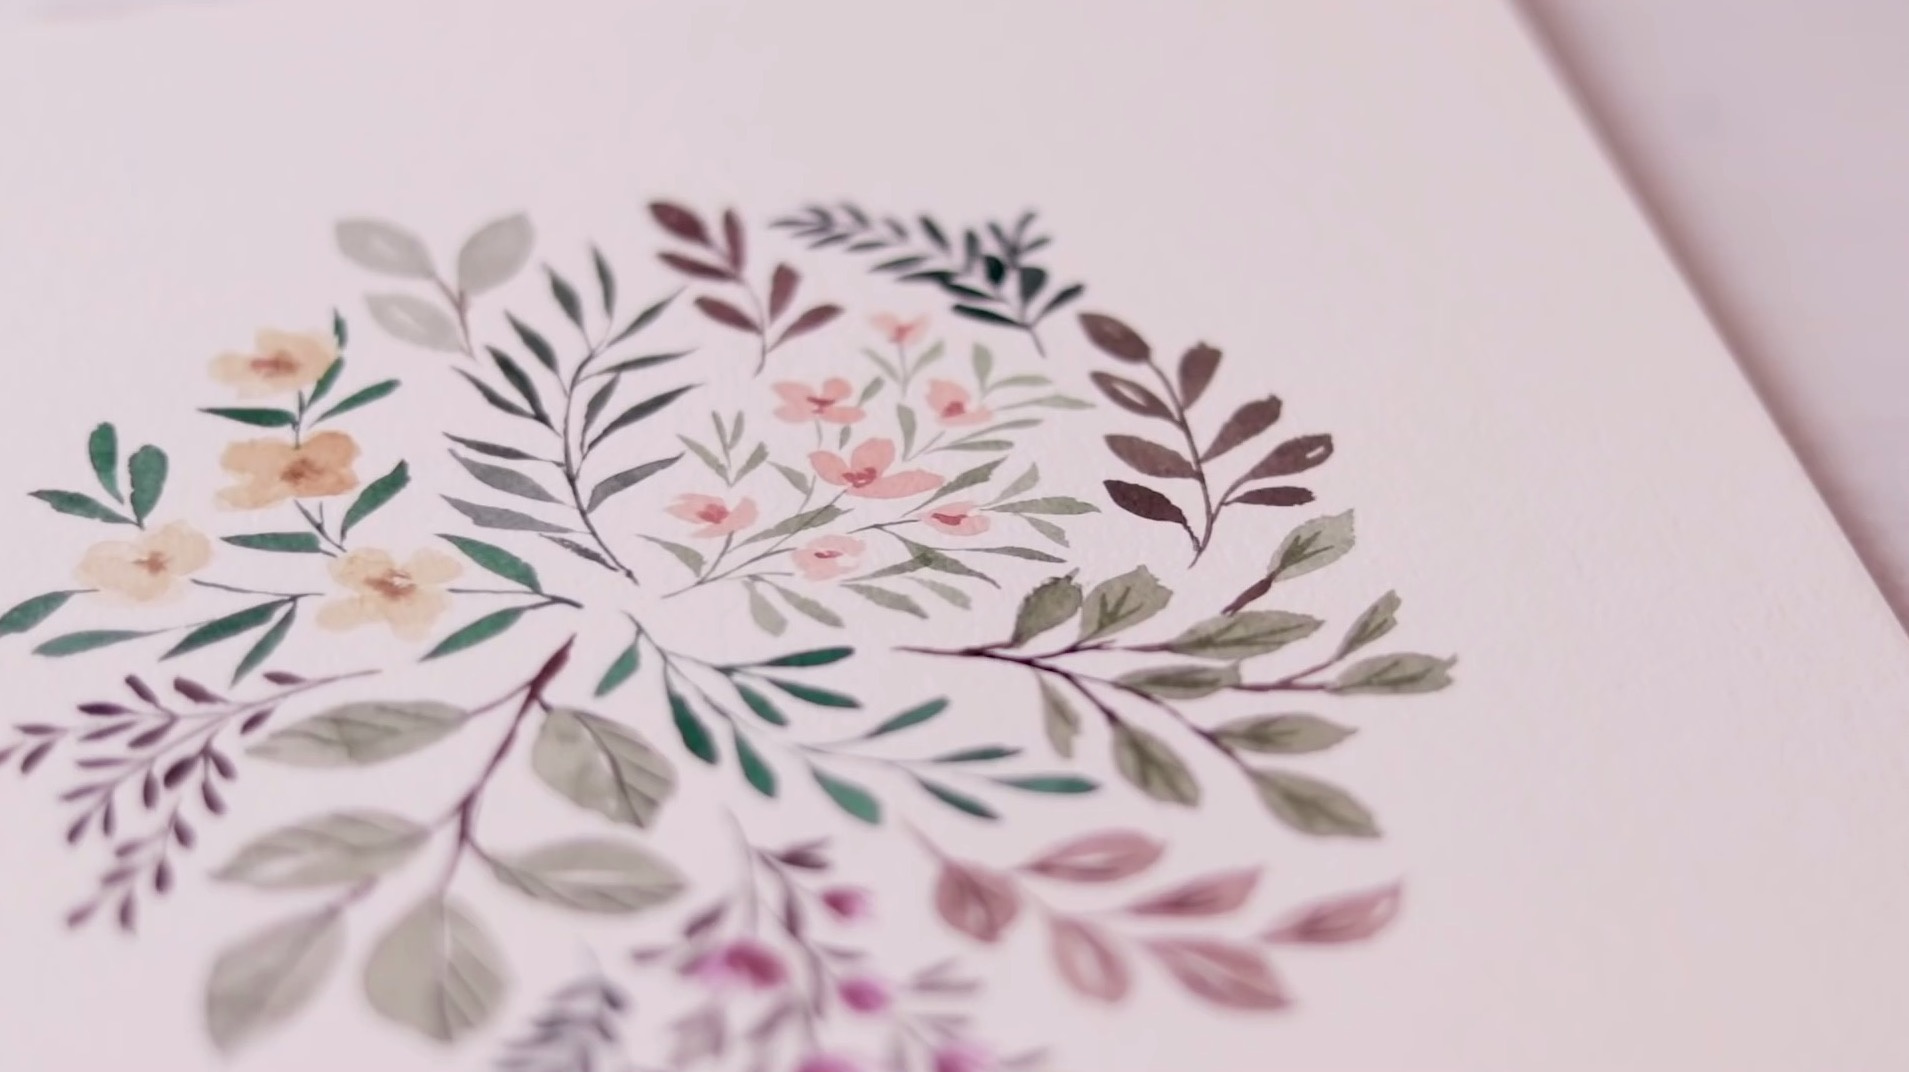 水彩画手绘视频:不同色彩的花卉与叶子组合